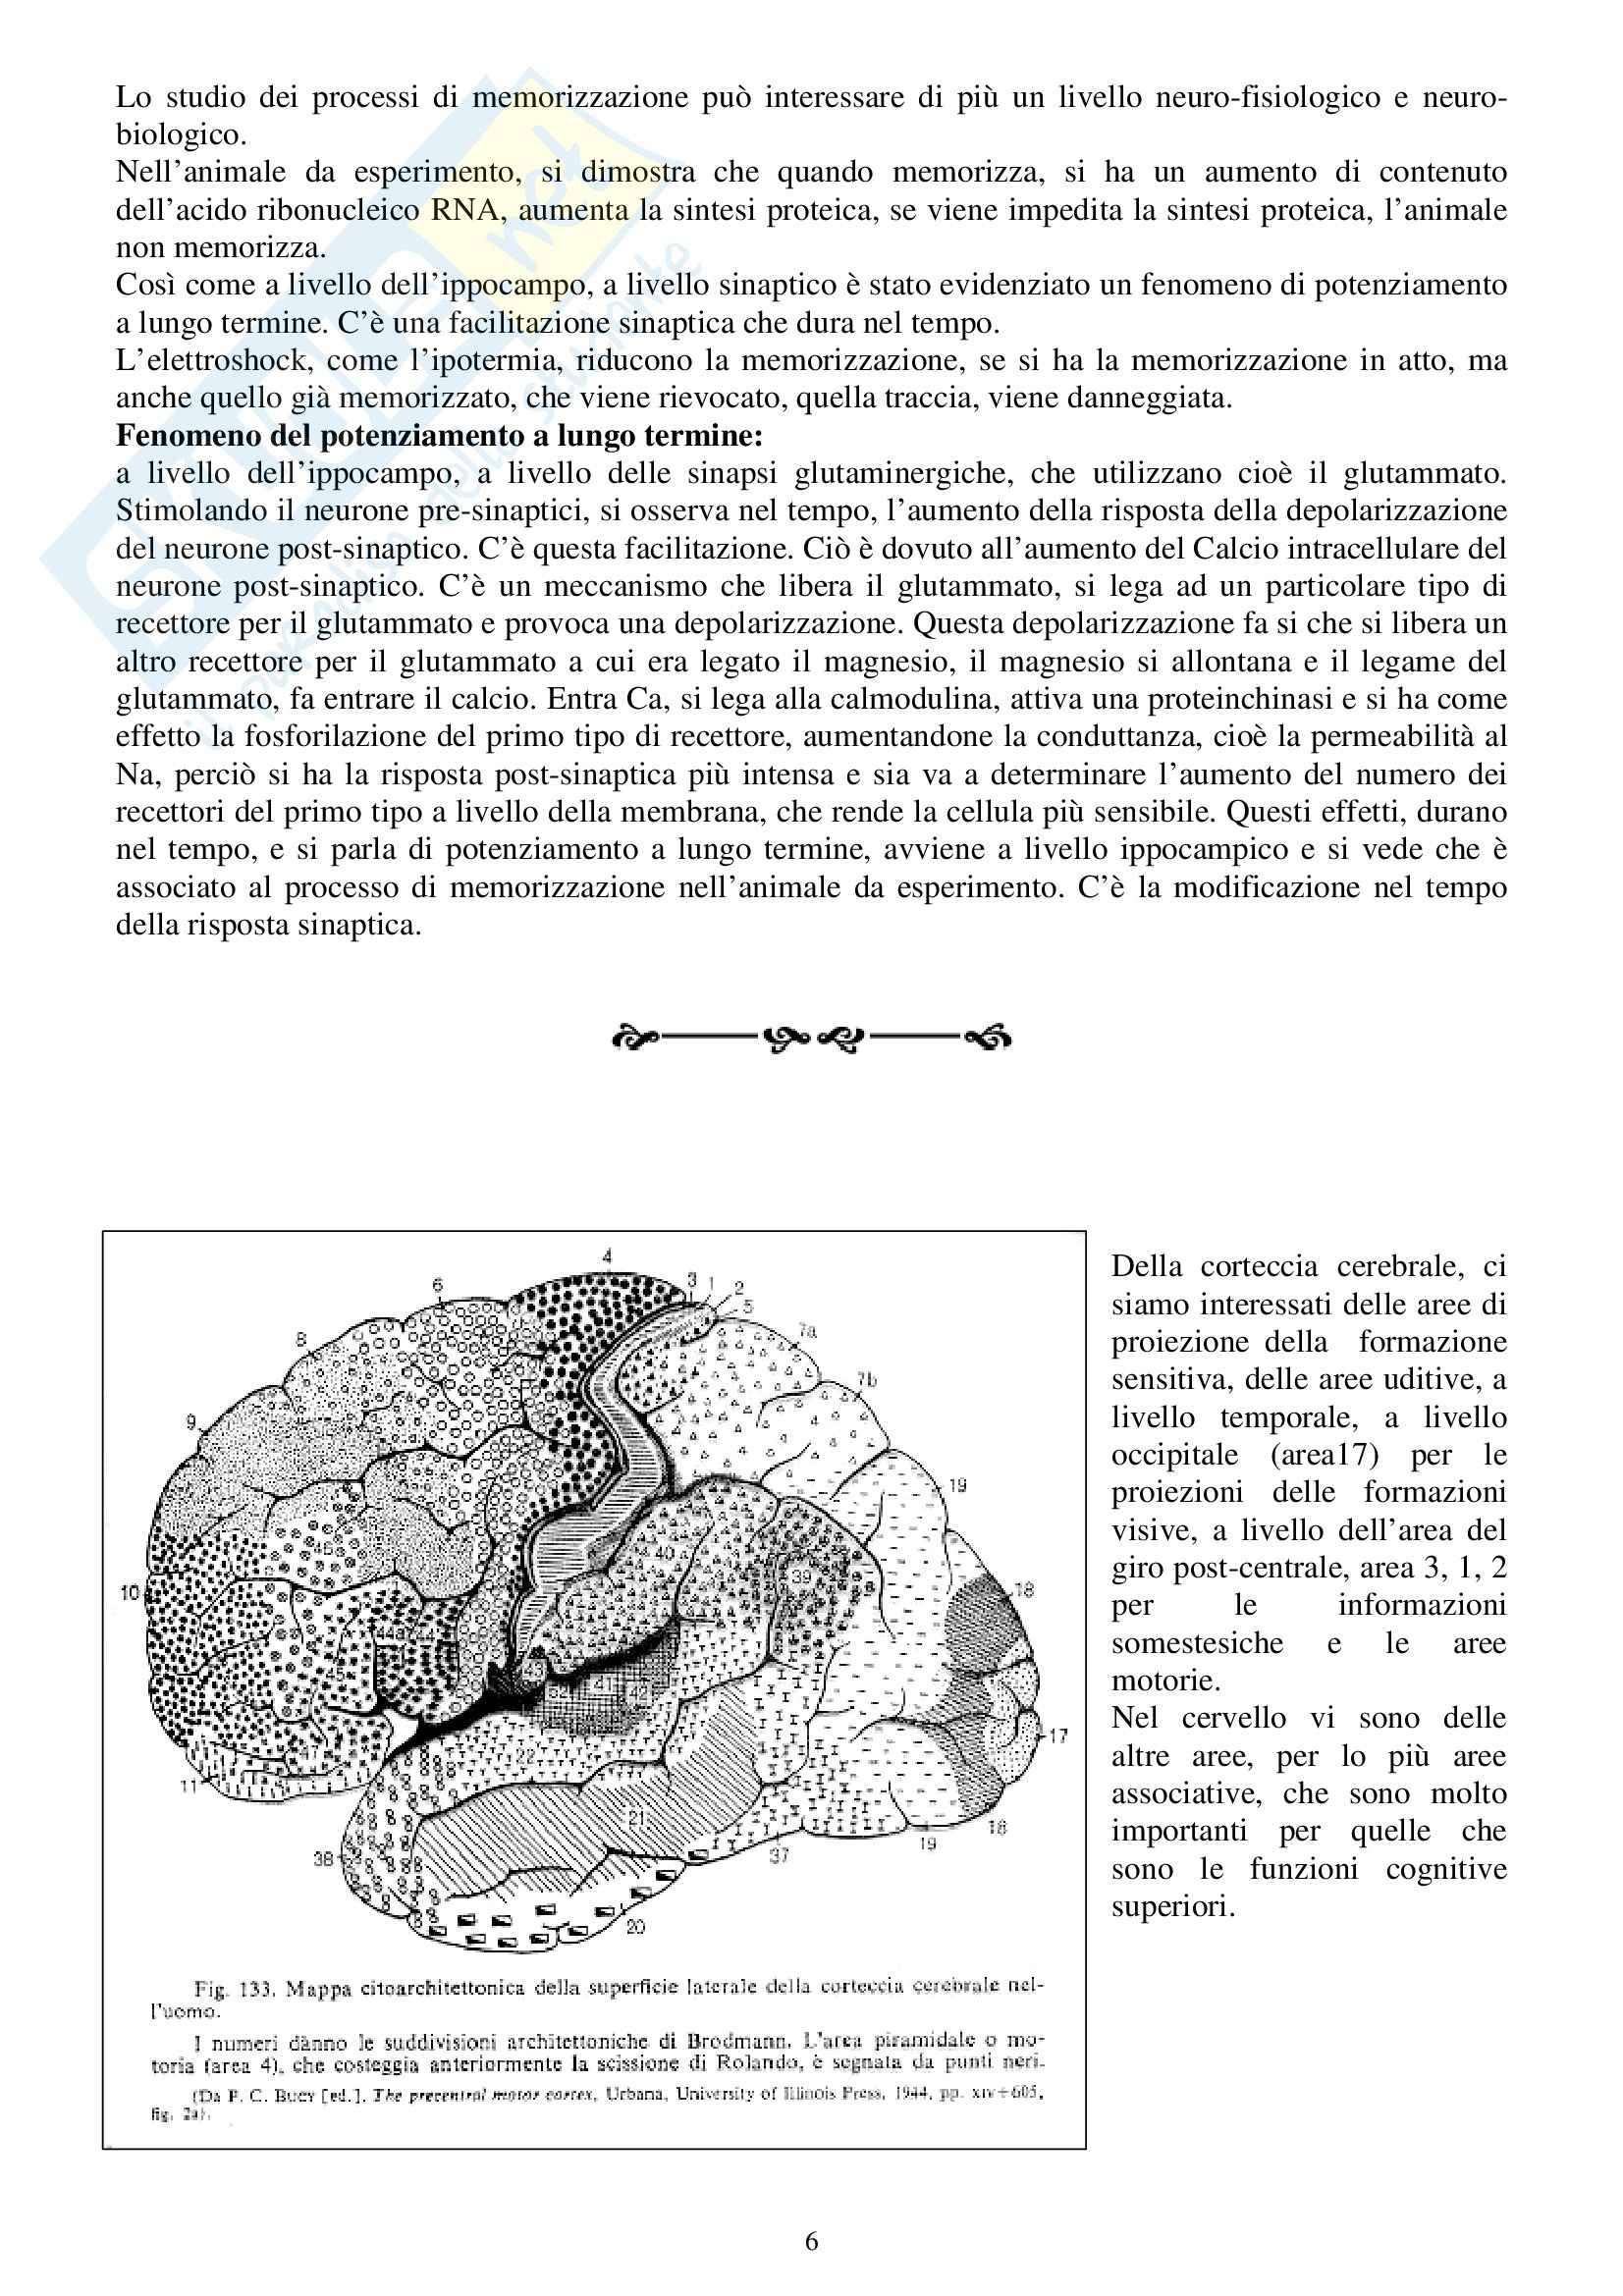 Fisiologia e biofisica - la memoria Pag. 6